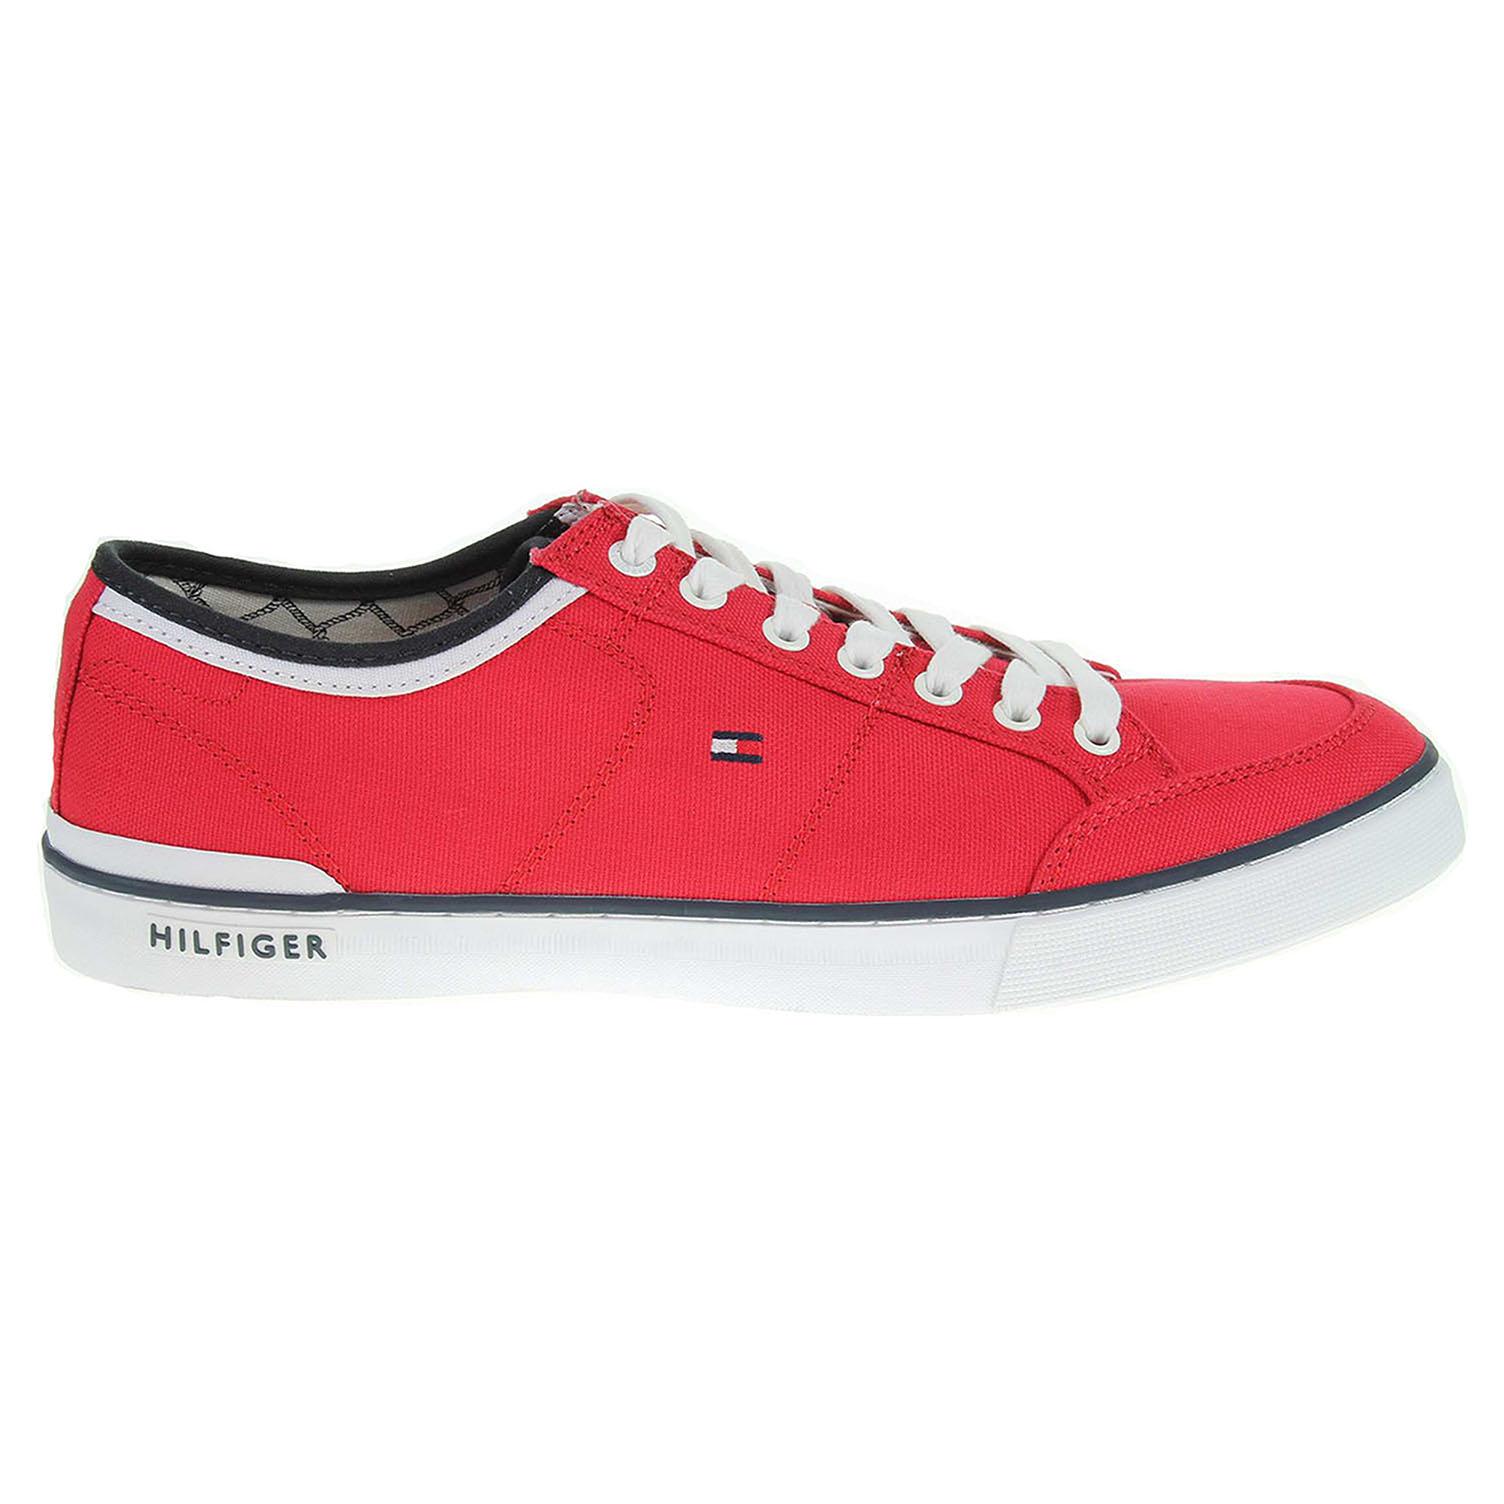 Ecco Tommy Hilfiger pánská obuv FM0FM00543 H2285ARRINGTON 5D2 červená 24000445